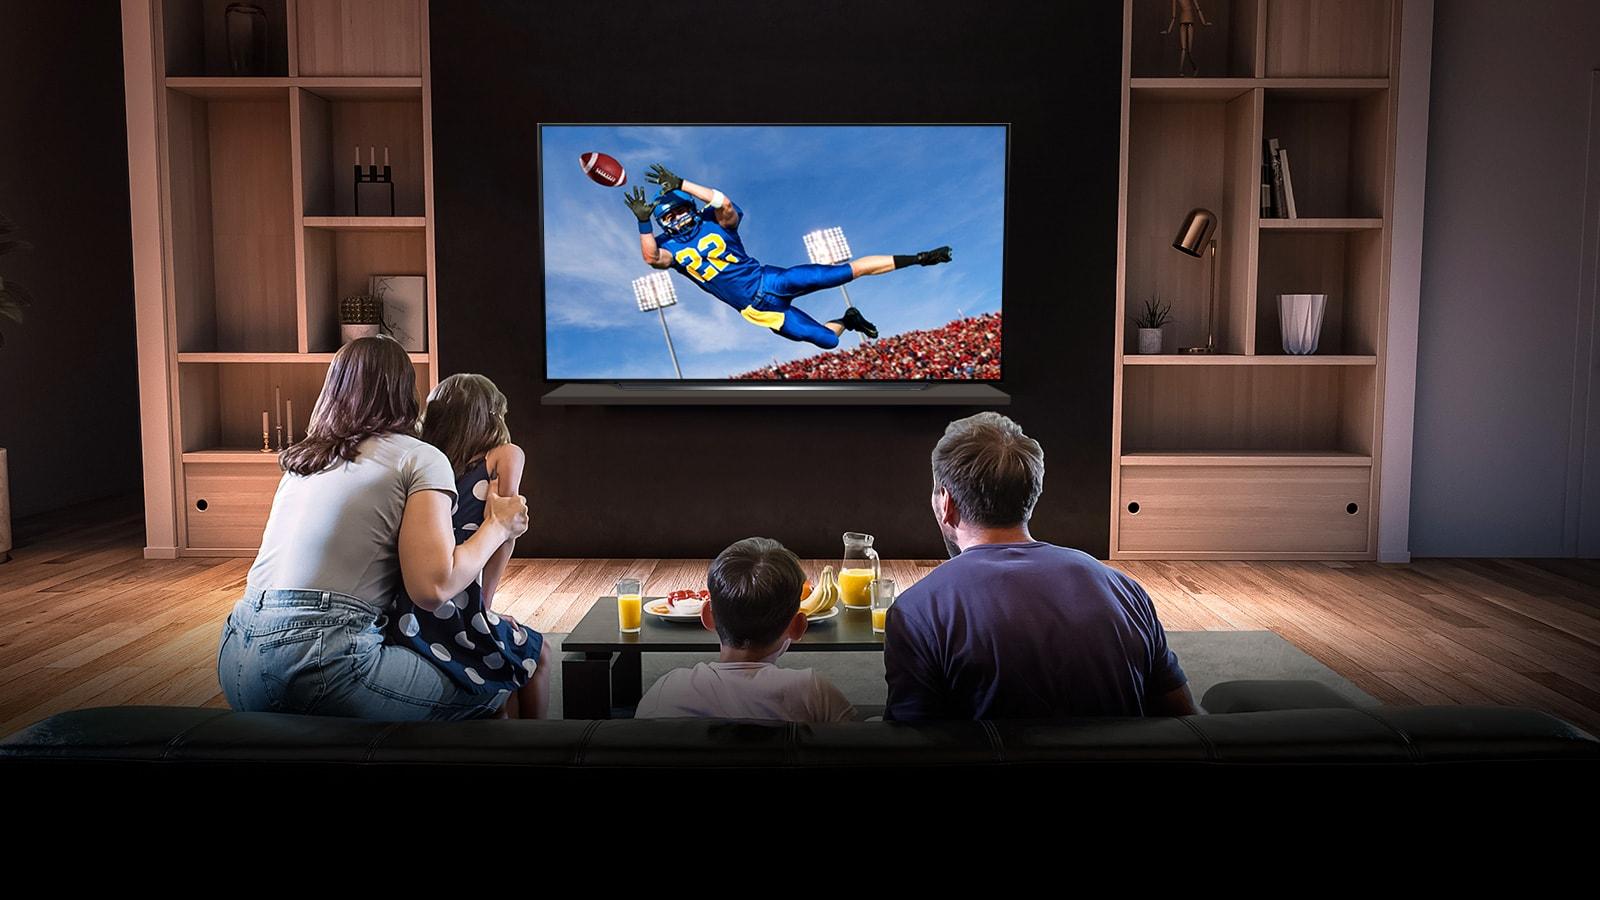 Personas mirando un partido de fútbol americano en la TV de la sala de estar